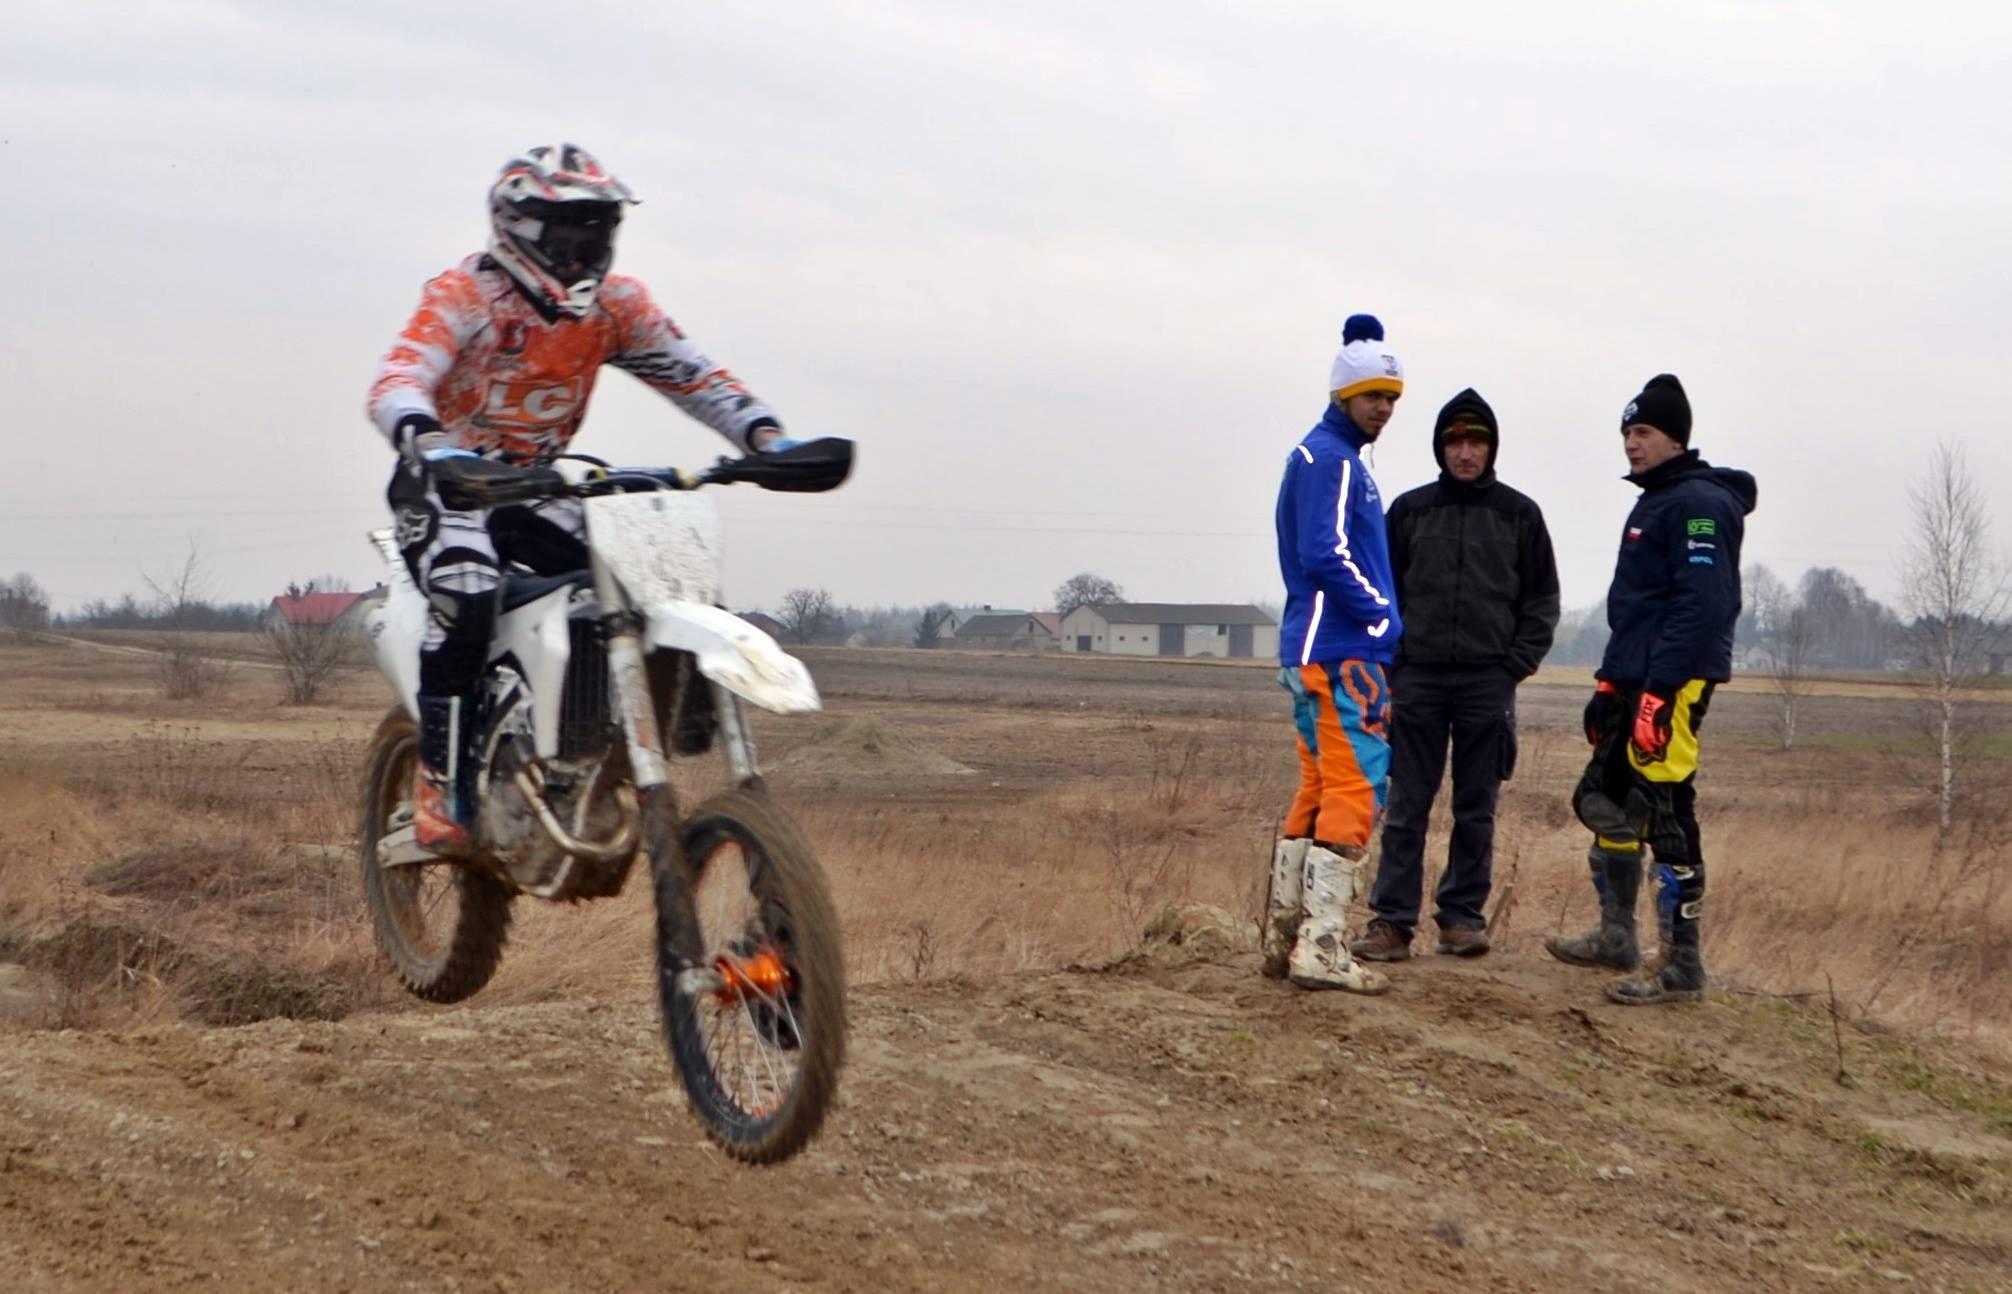 motocross trening (3)